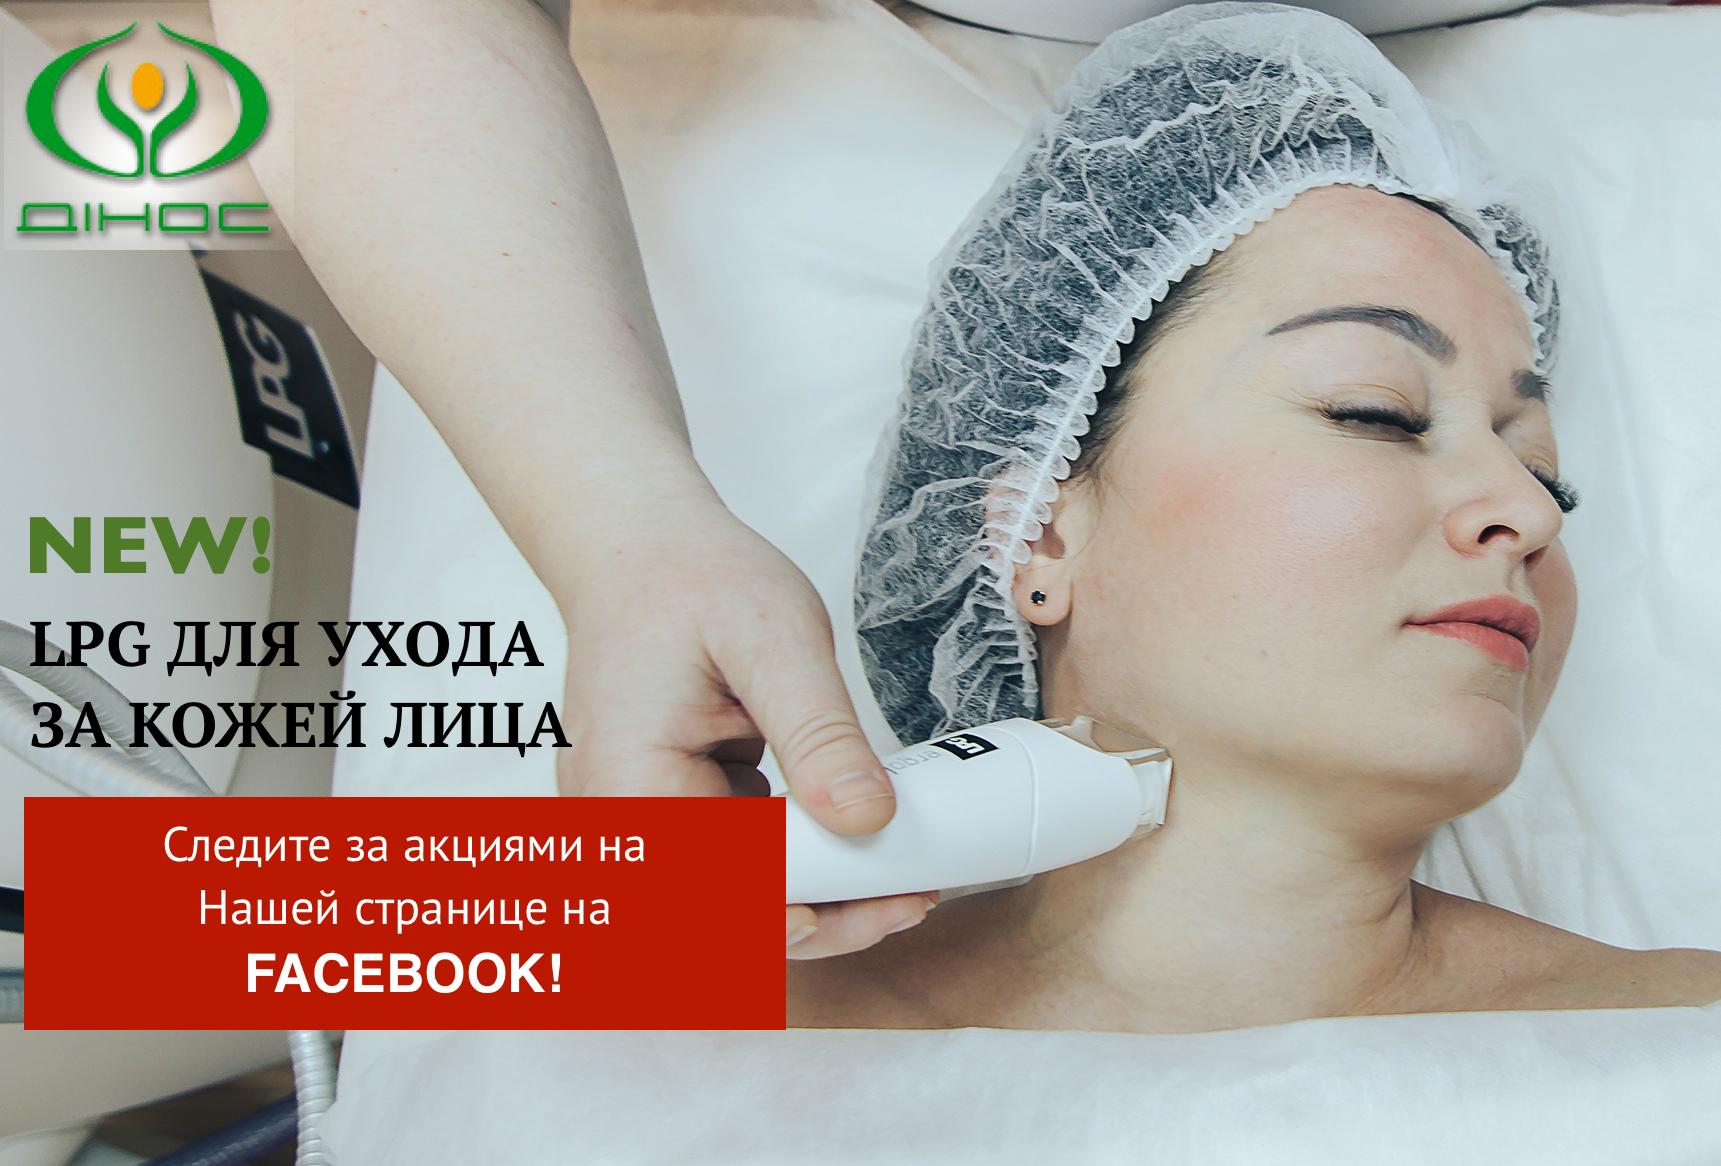 отзывы lpg массаж тела и лица